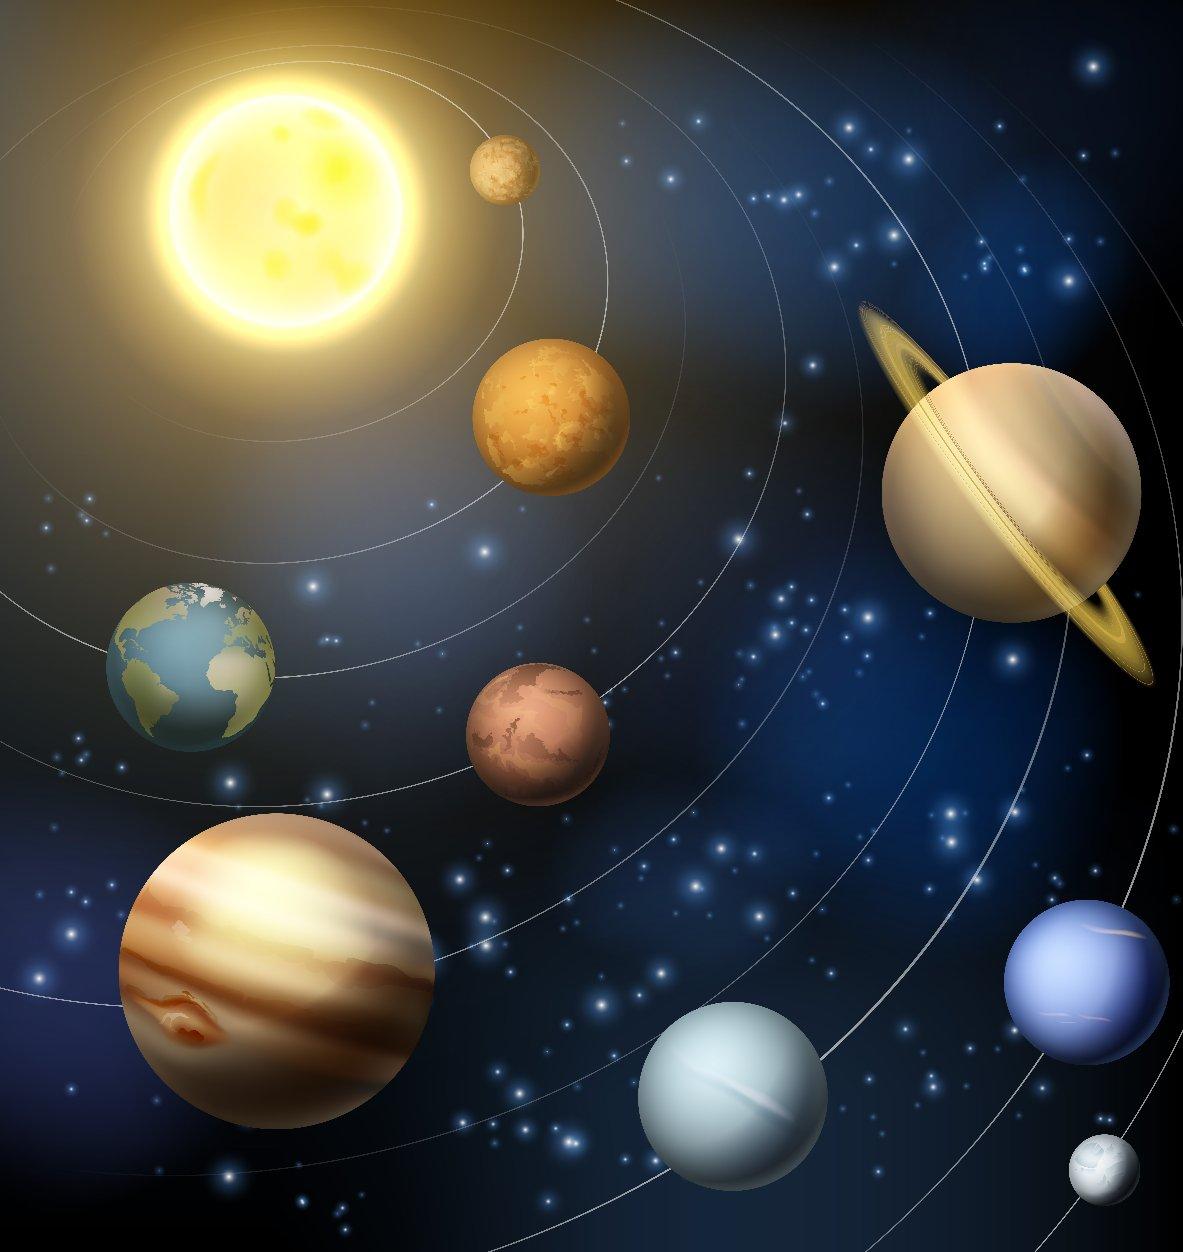 Altri due pianeti nel nostro Sistema Solare